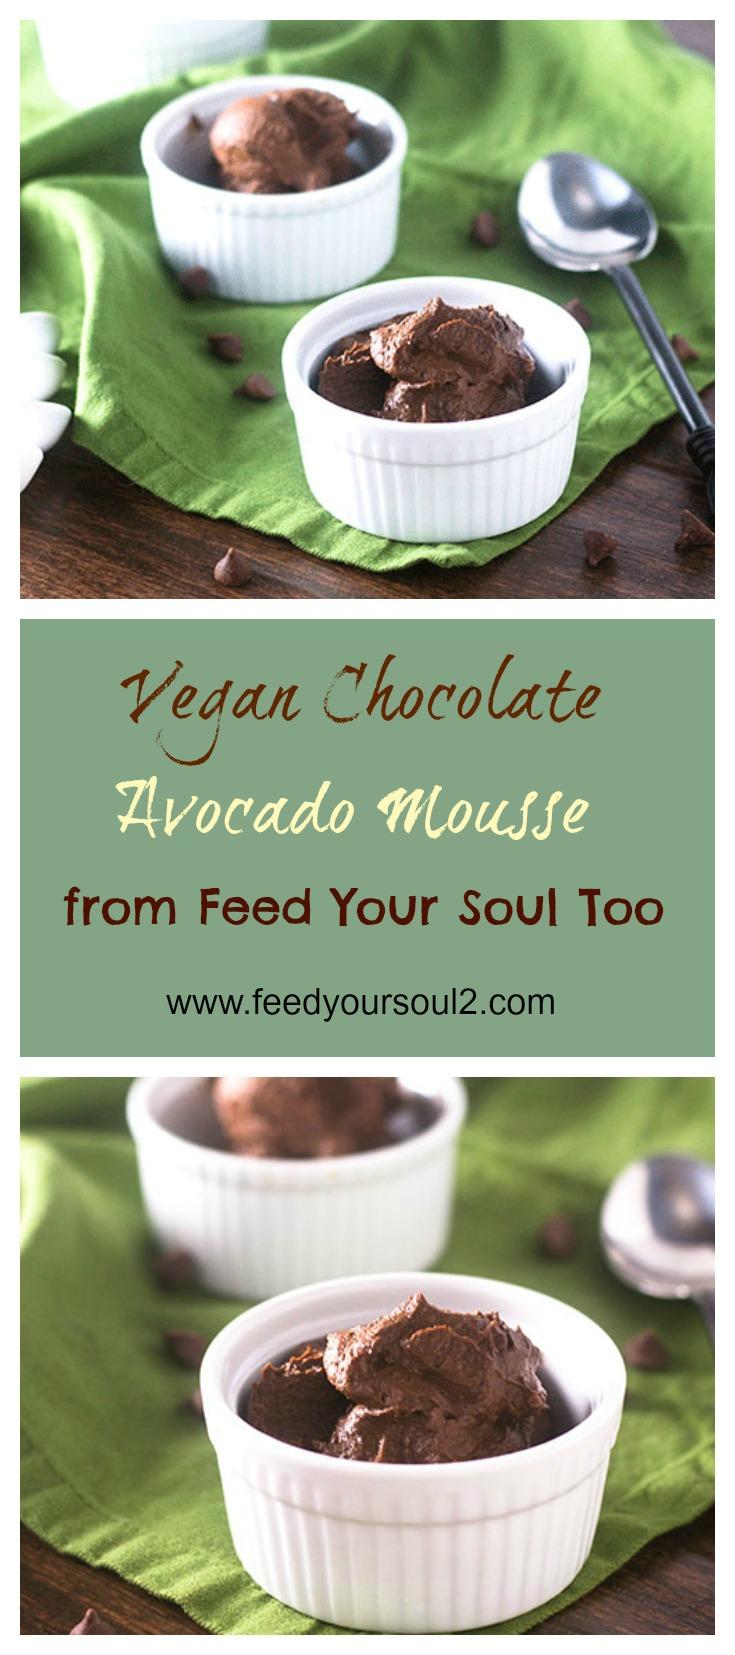 Vegan Chocolate Avocado Mousse #vegan #chocolate #dessert | feedyoursoul2.com